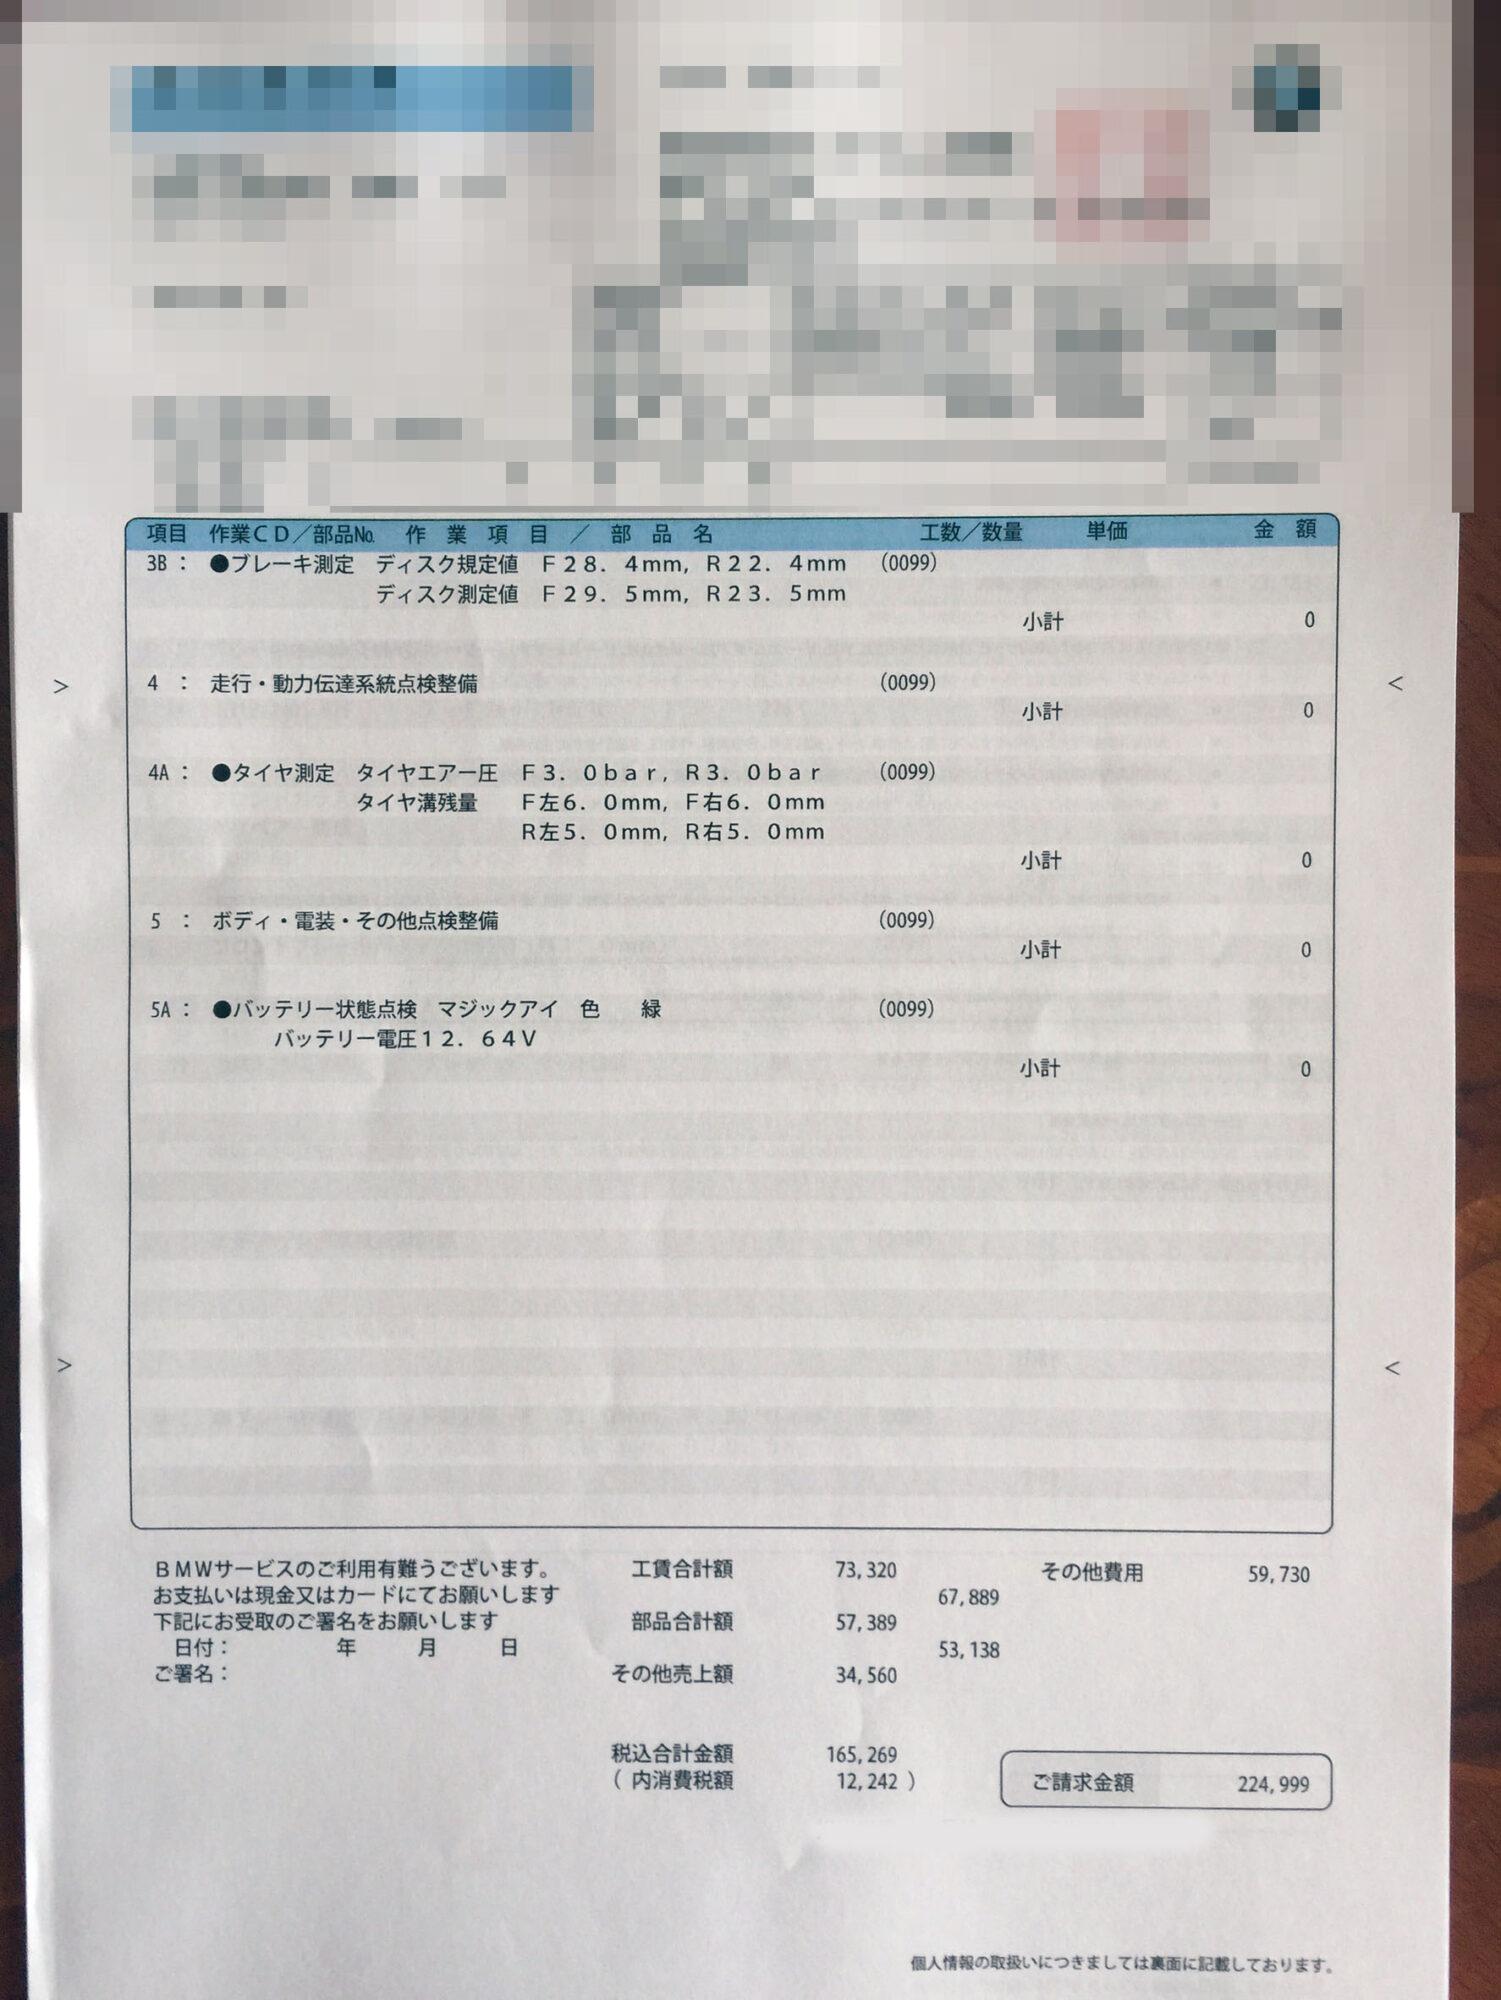 気になるBMW 5年目の車検費用